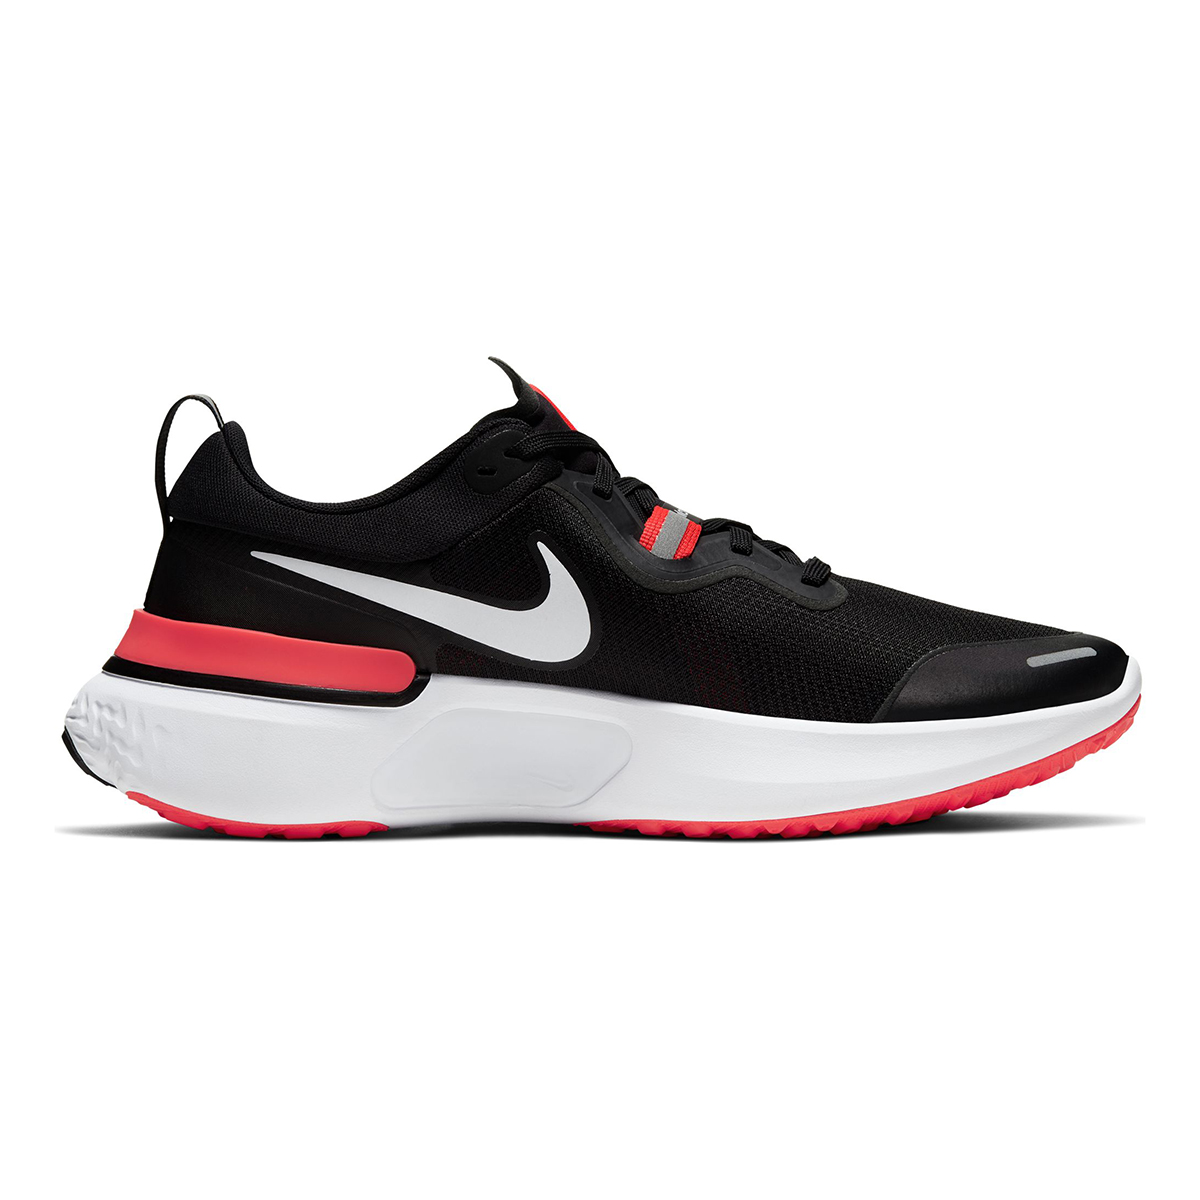 Men's Nike React Miler Running Shoe - Color: Black/Laser Crimson/Oil (Regular Width) - Size: 6, Black/Laser Crimson/Oil, large, image 1